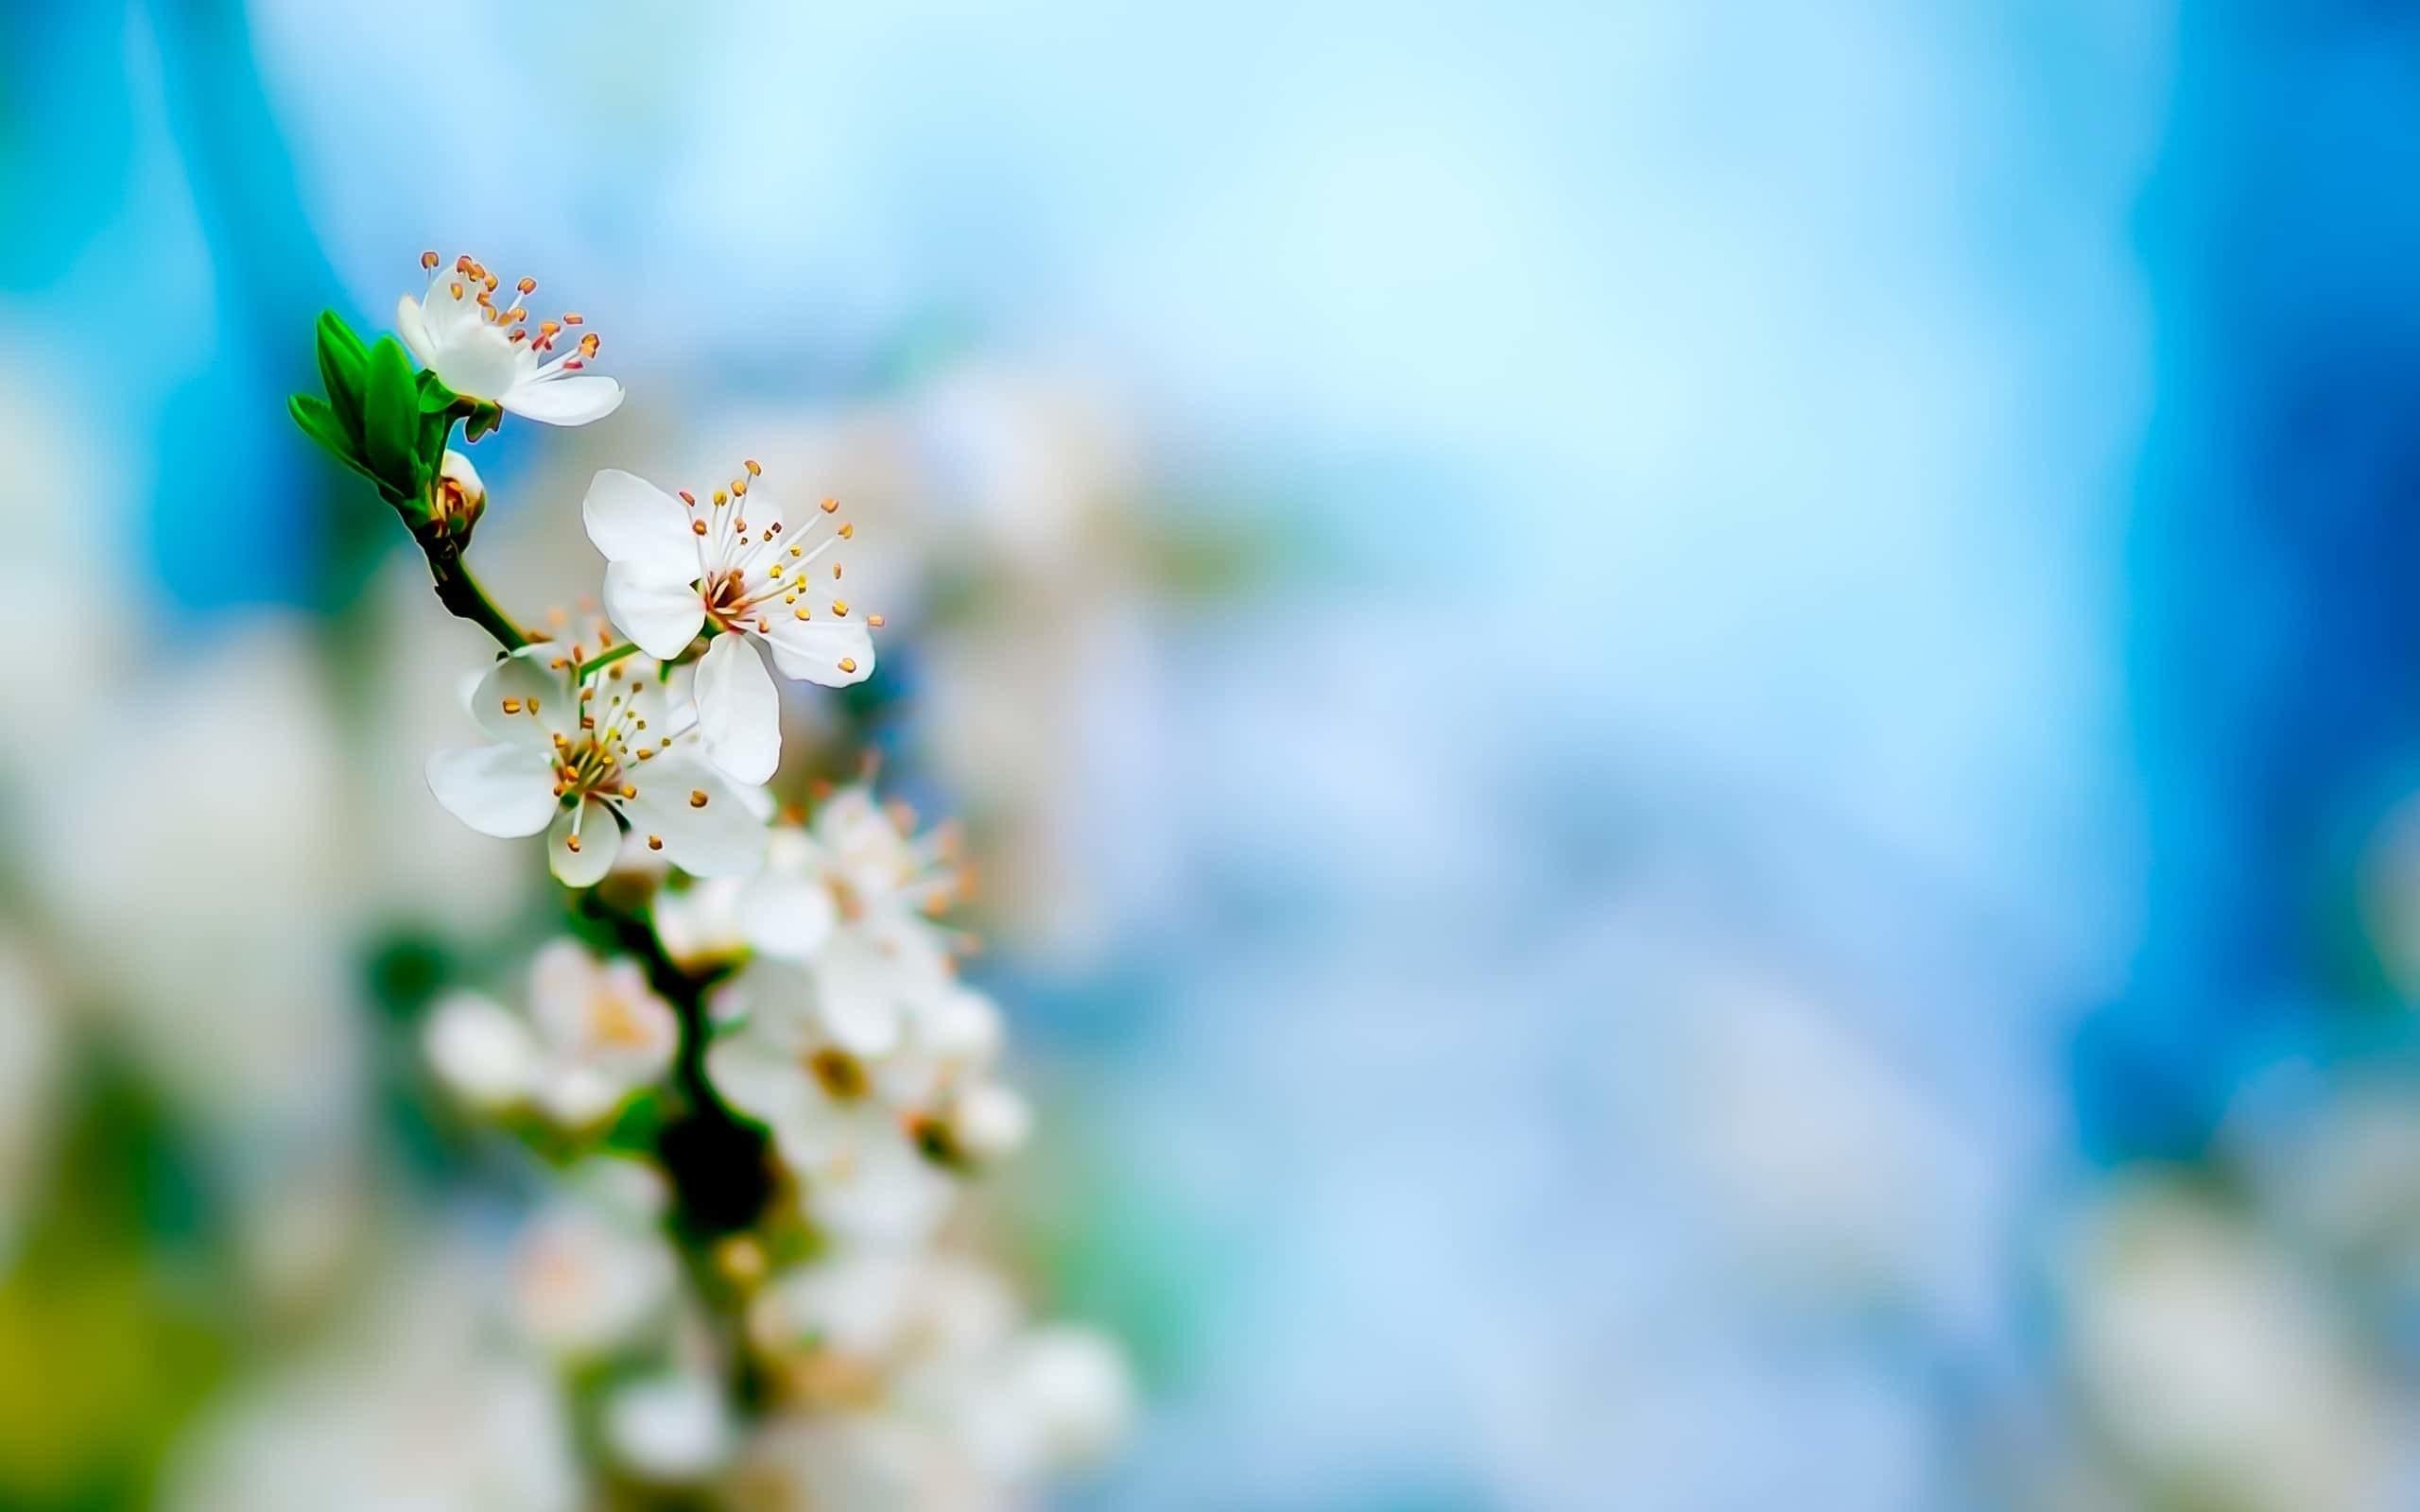 Flower HD Desktop Backgrounds Wallpaper. Cool Desktop Images, Flower images